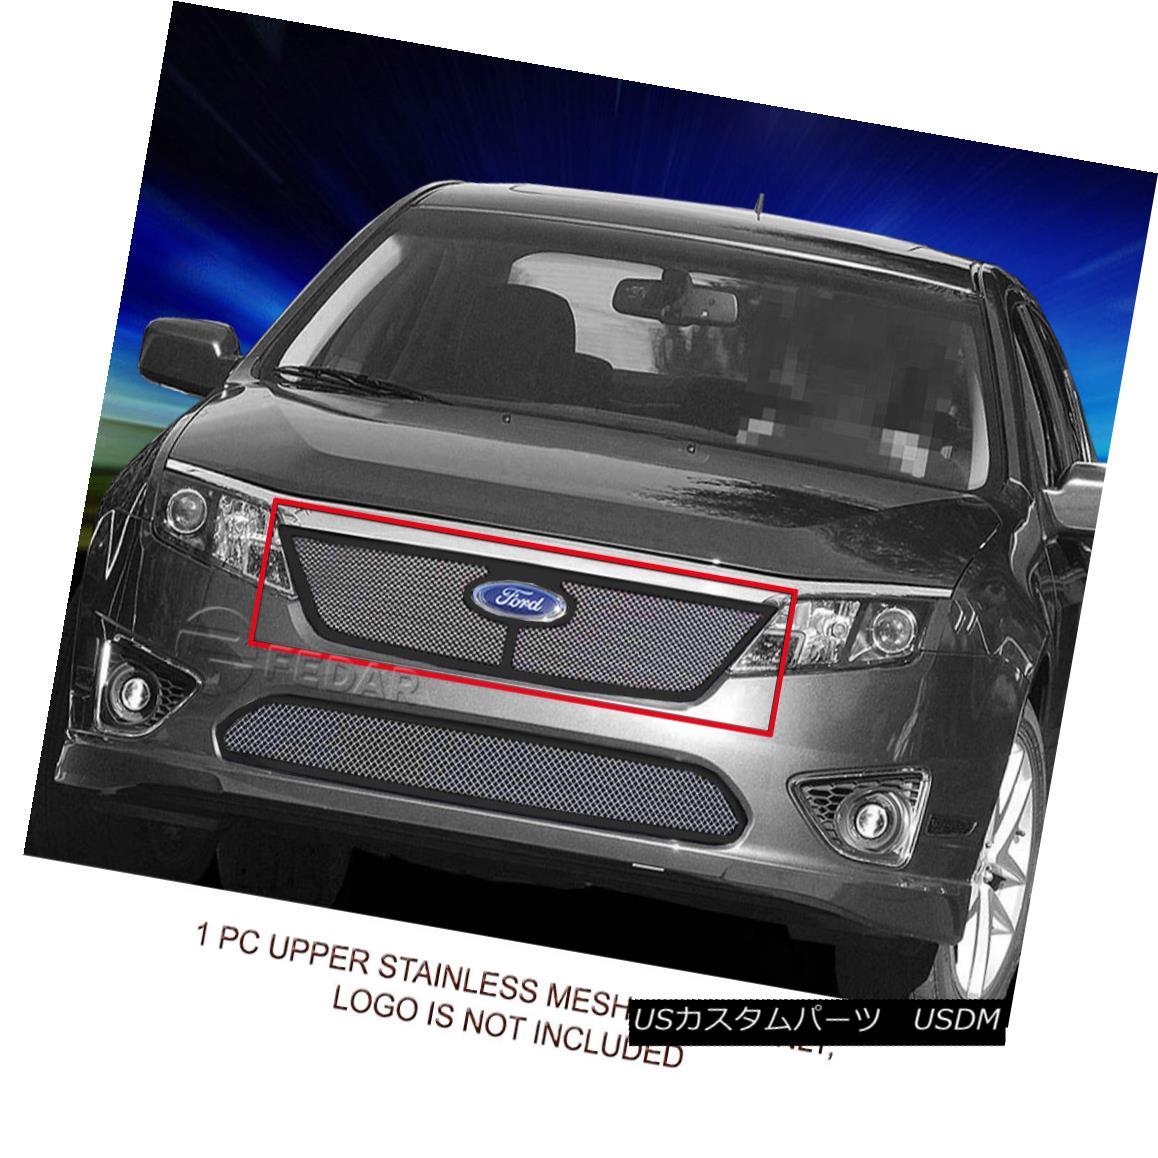 グリル Fedar Fits 10-12 Ford Fusion Polished Mesh Grille Insert フェルダは10-12フォードフュージョンポリッシュメッシュグリルインサートに適合